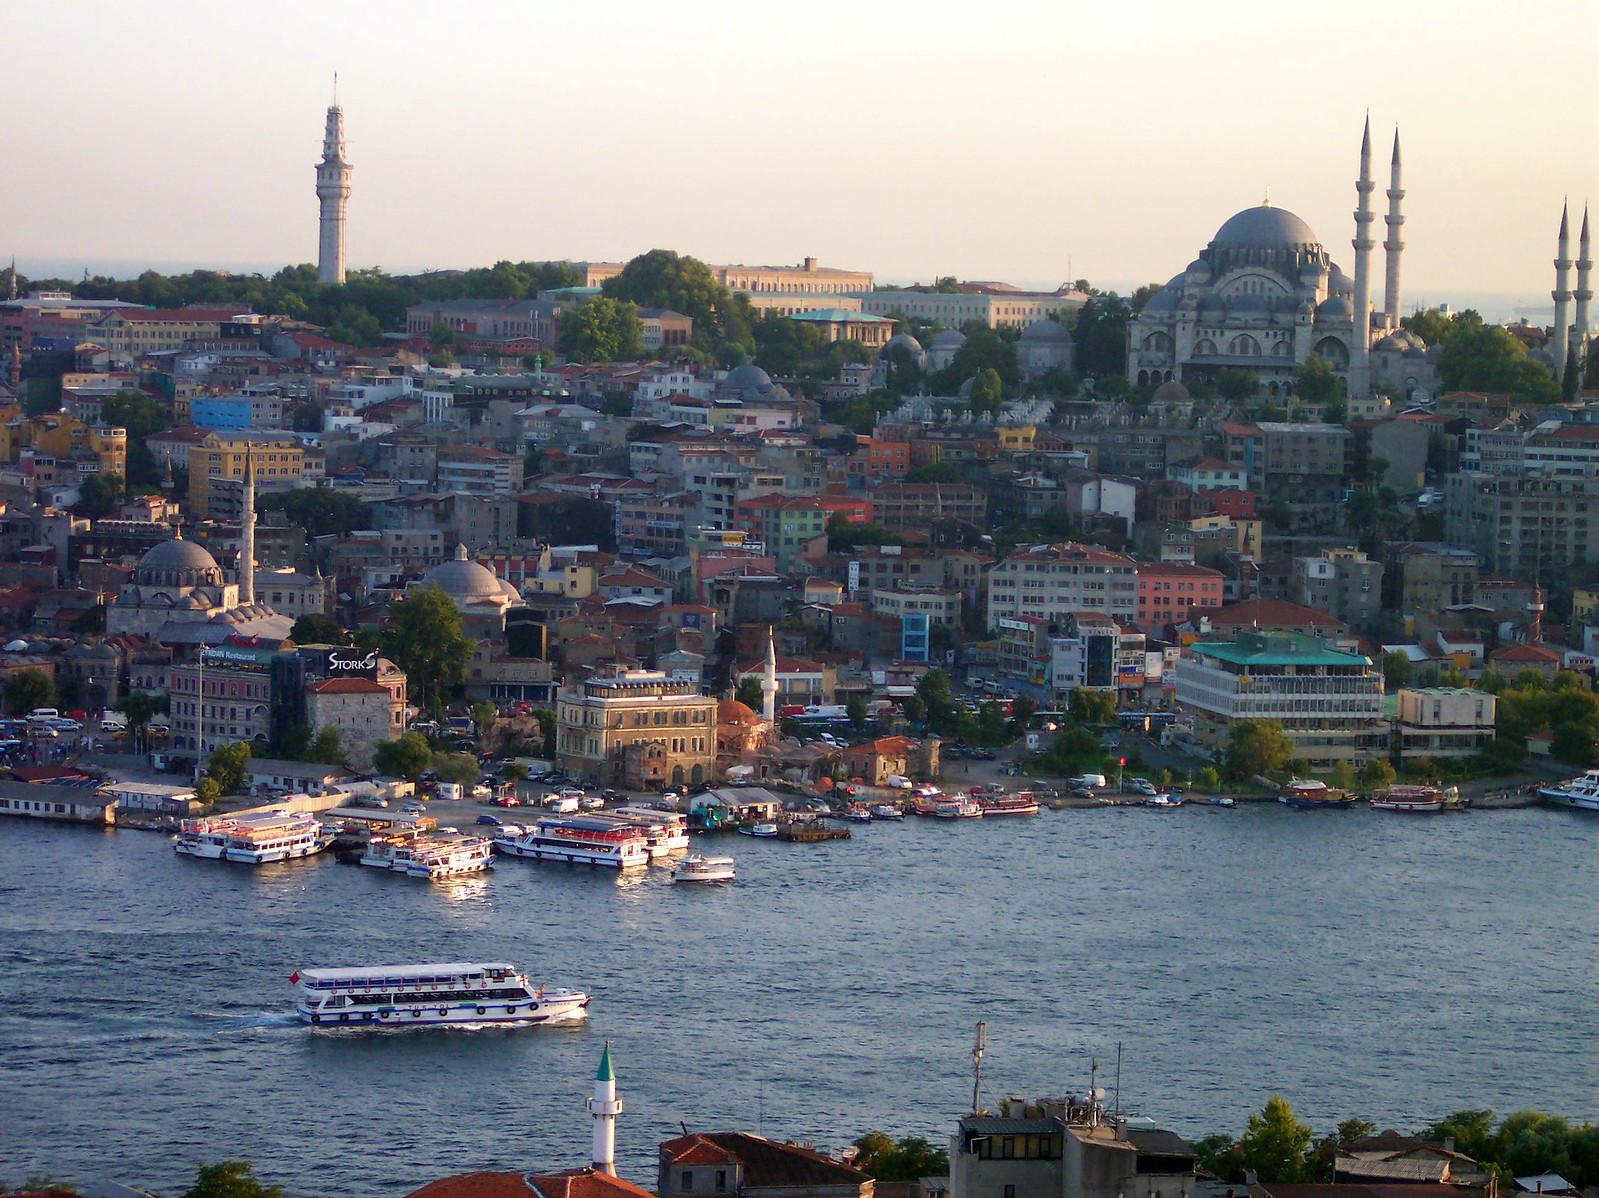 ¿ es seguro viajar a Turquía ? es seguro viajar a turquía - 45234835294 ace3c211cf h - ¿ Es seguro viajar a Turquía ?